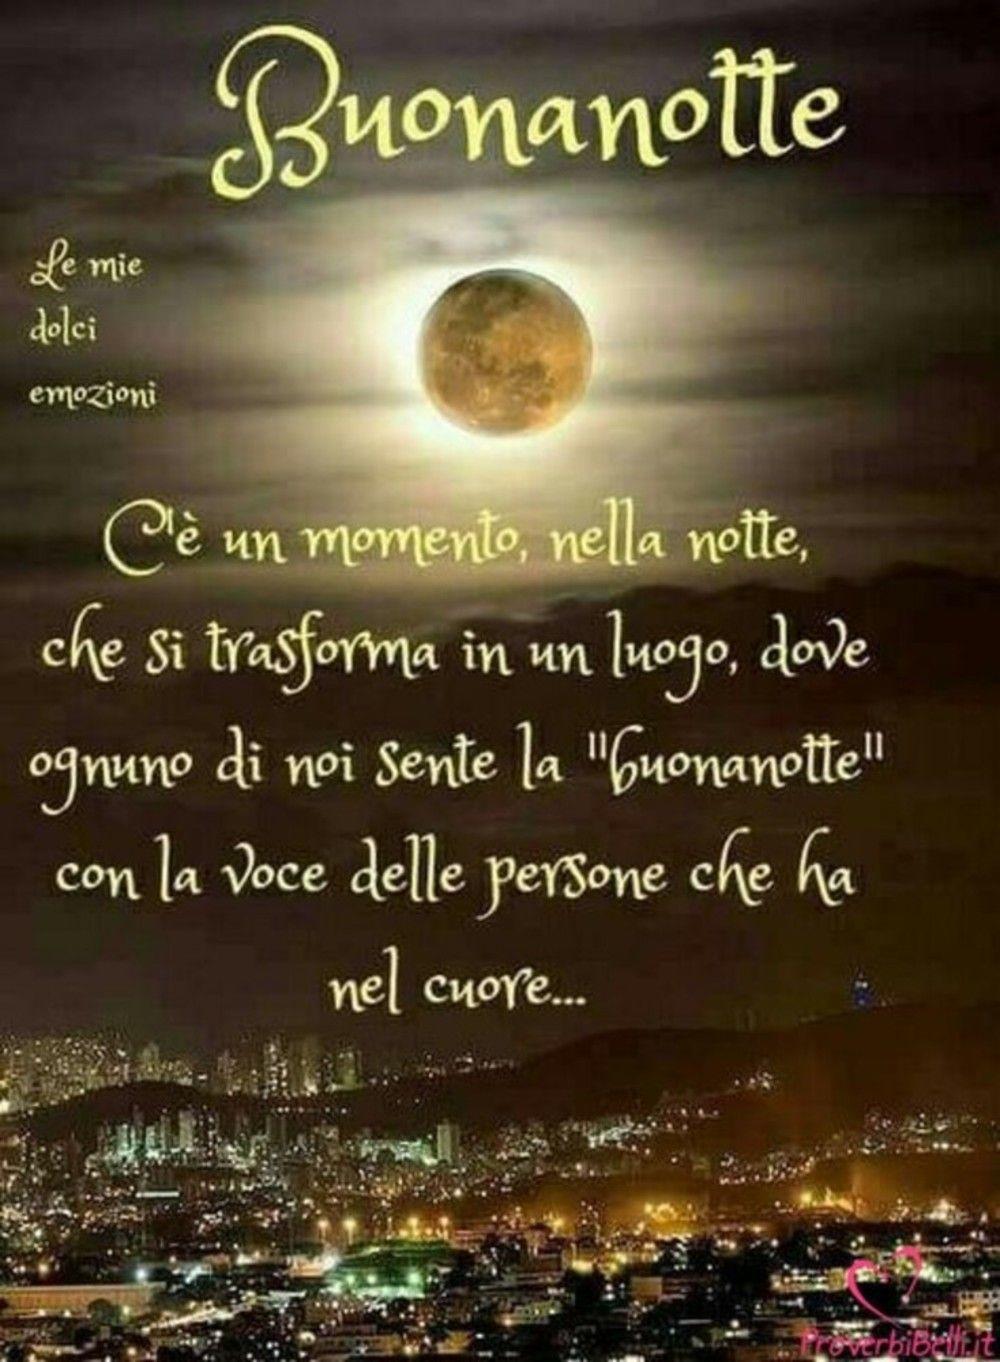 1463 Immagini E Frasi Di Buonanotte Da Scaricare Gratis E Da